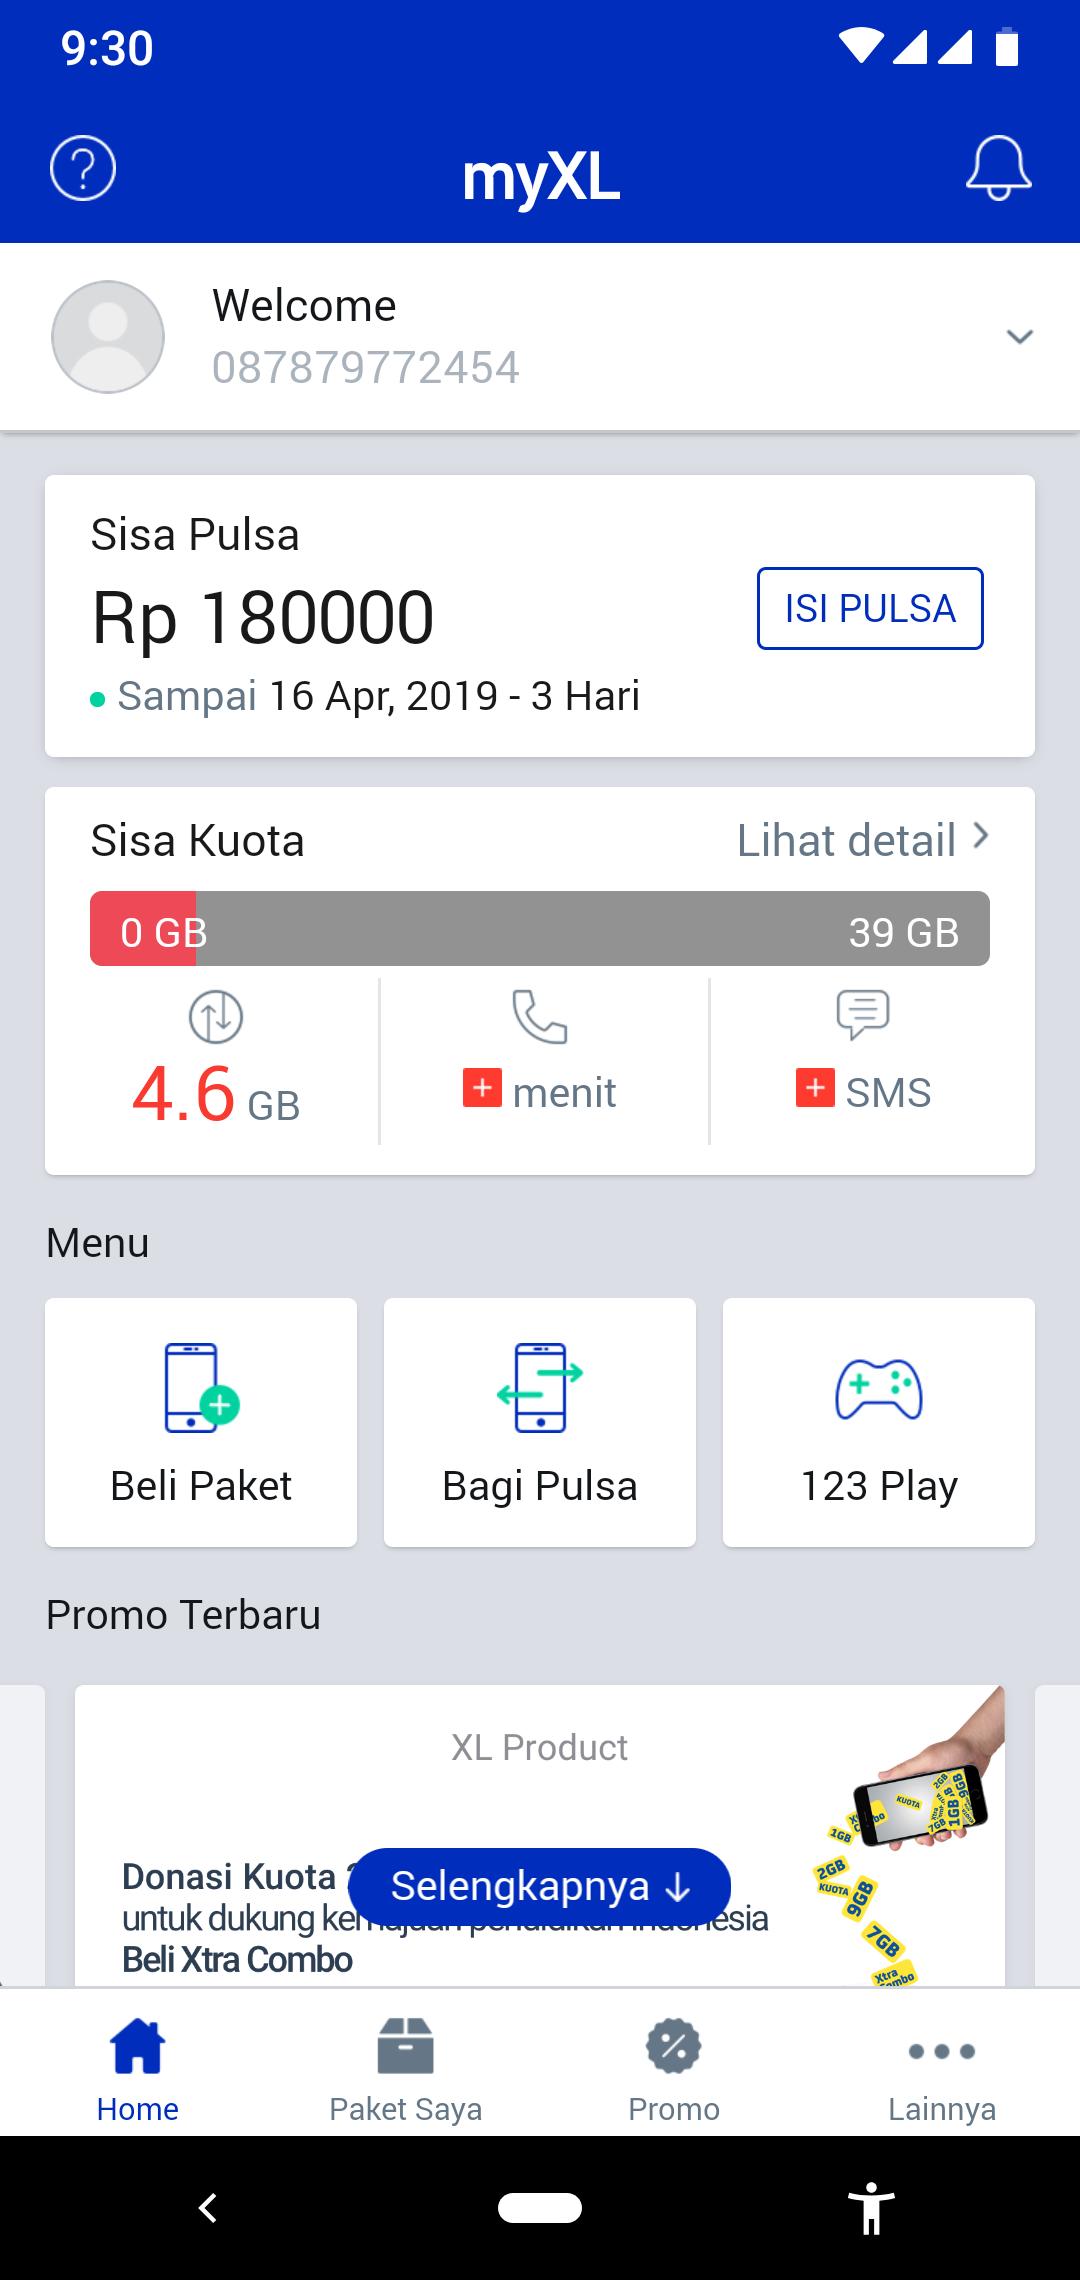 Cek kuota XL melalui aplikasi MyXL